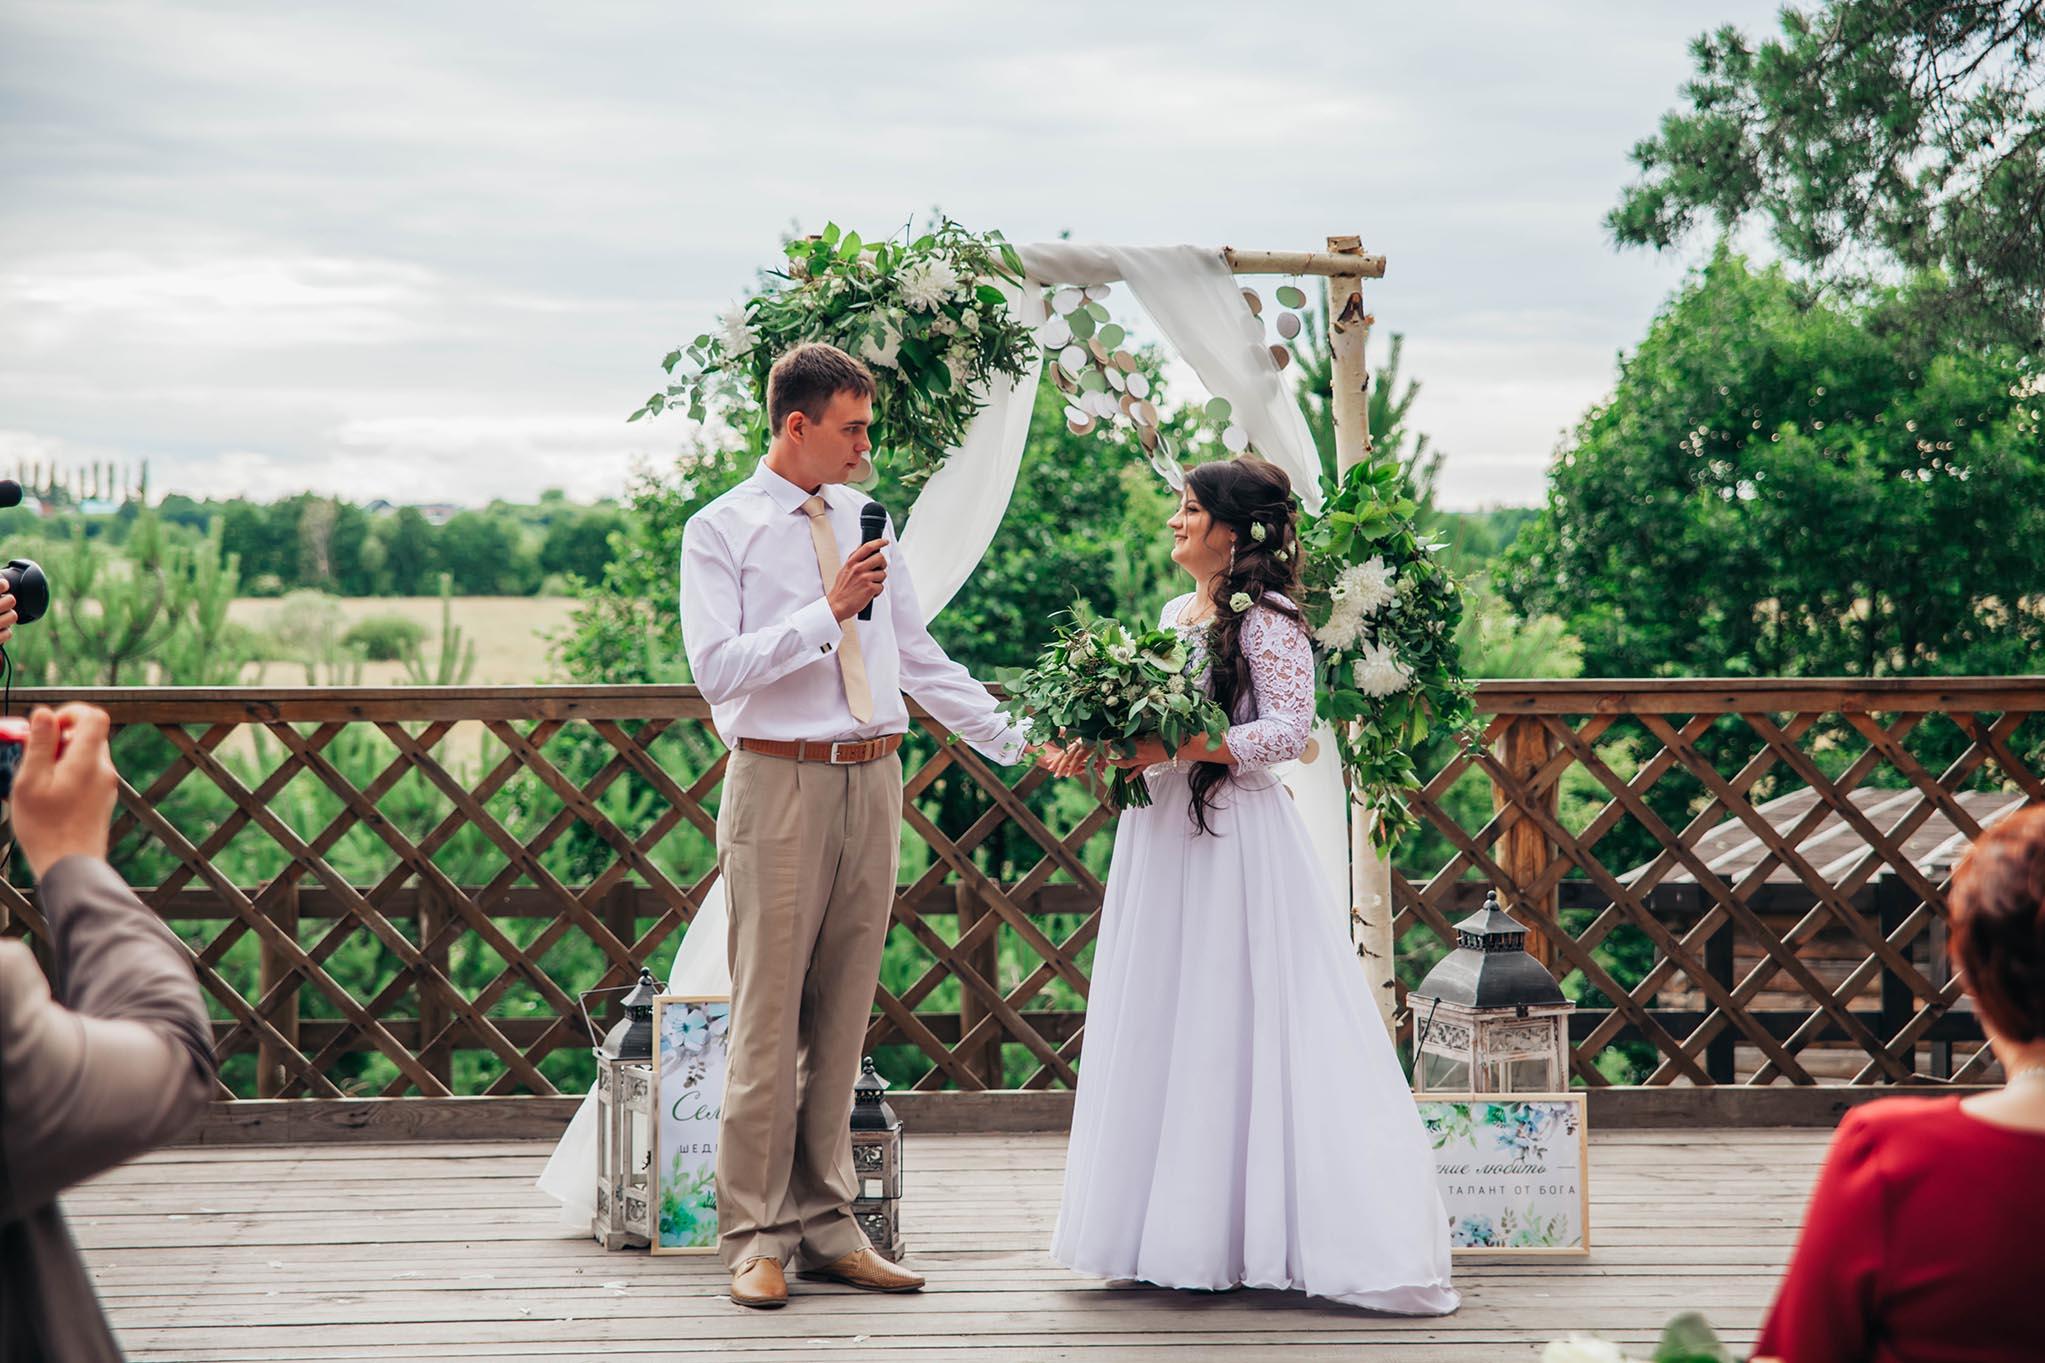 фотосъемка выездной регистрации брака